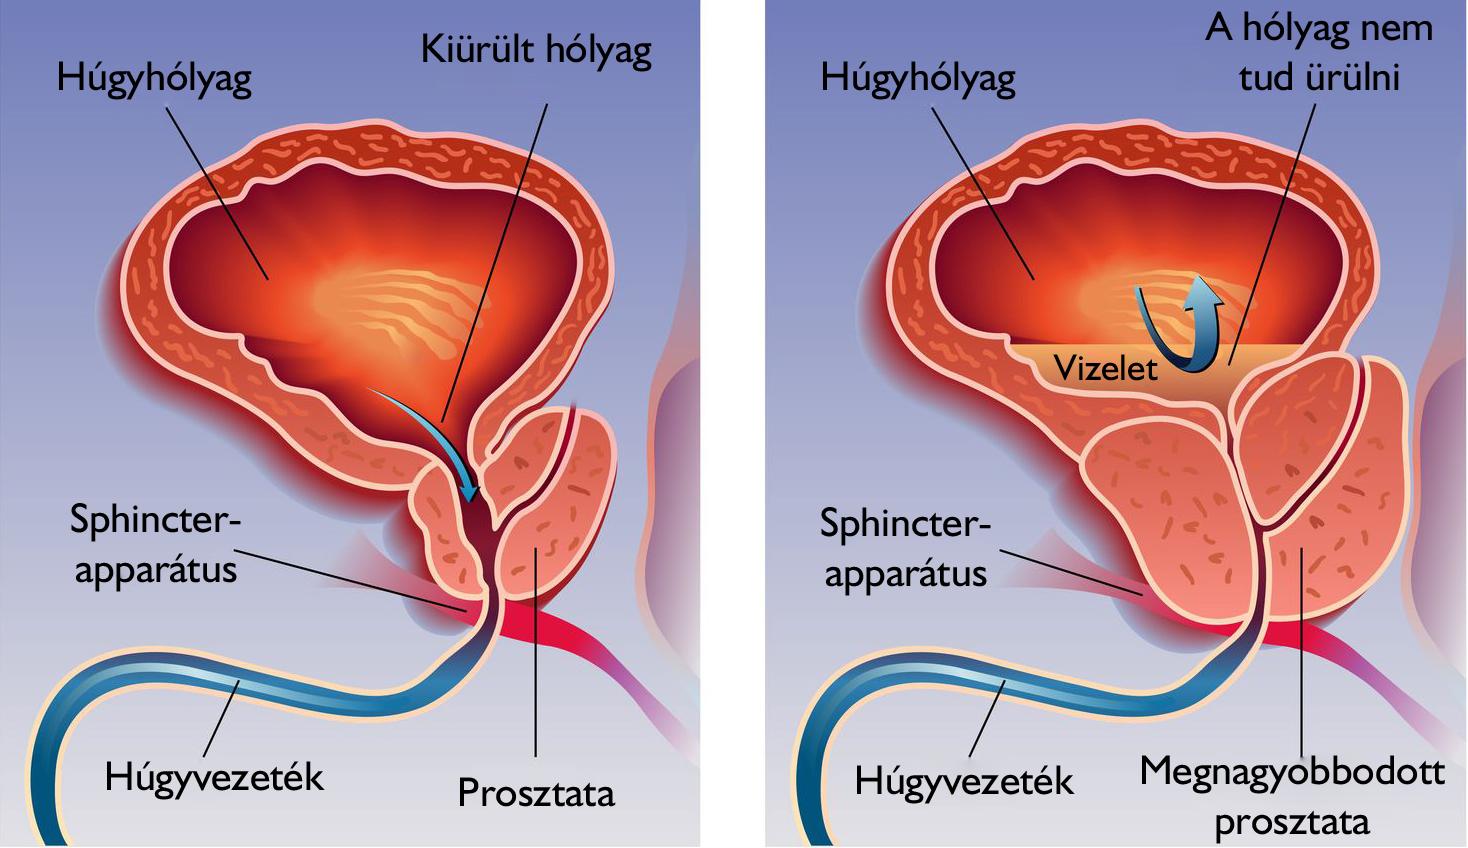 prosztata az erekció során)